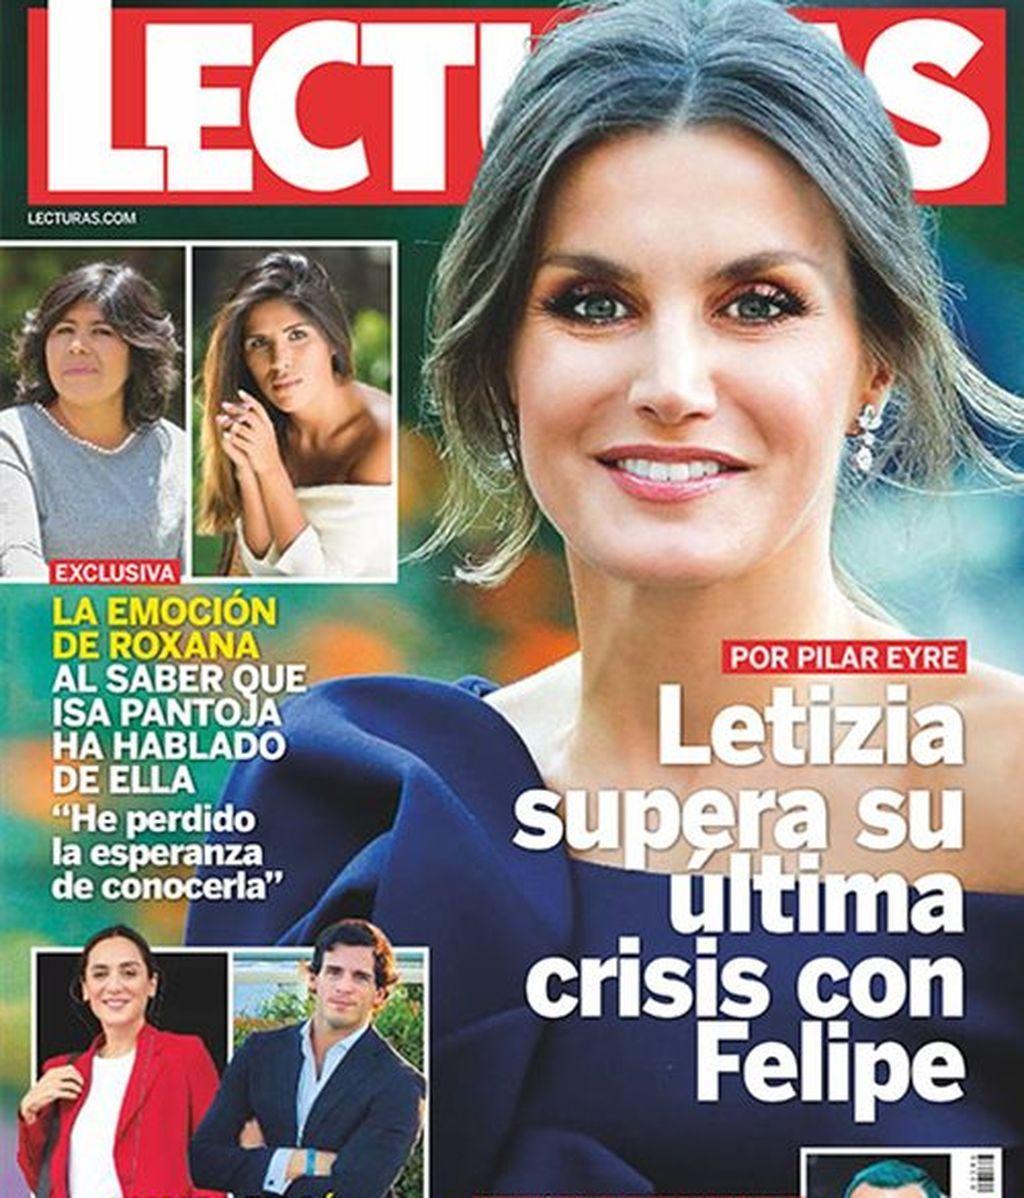 La crisis superada de Felipe y Letizia